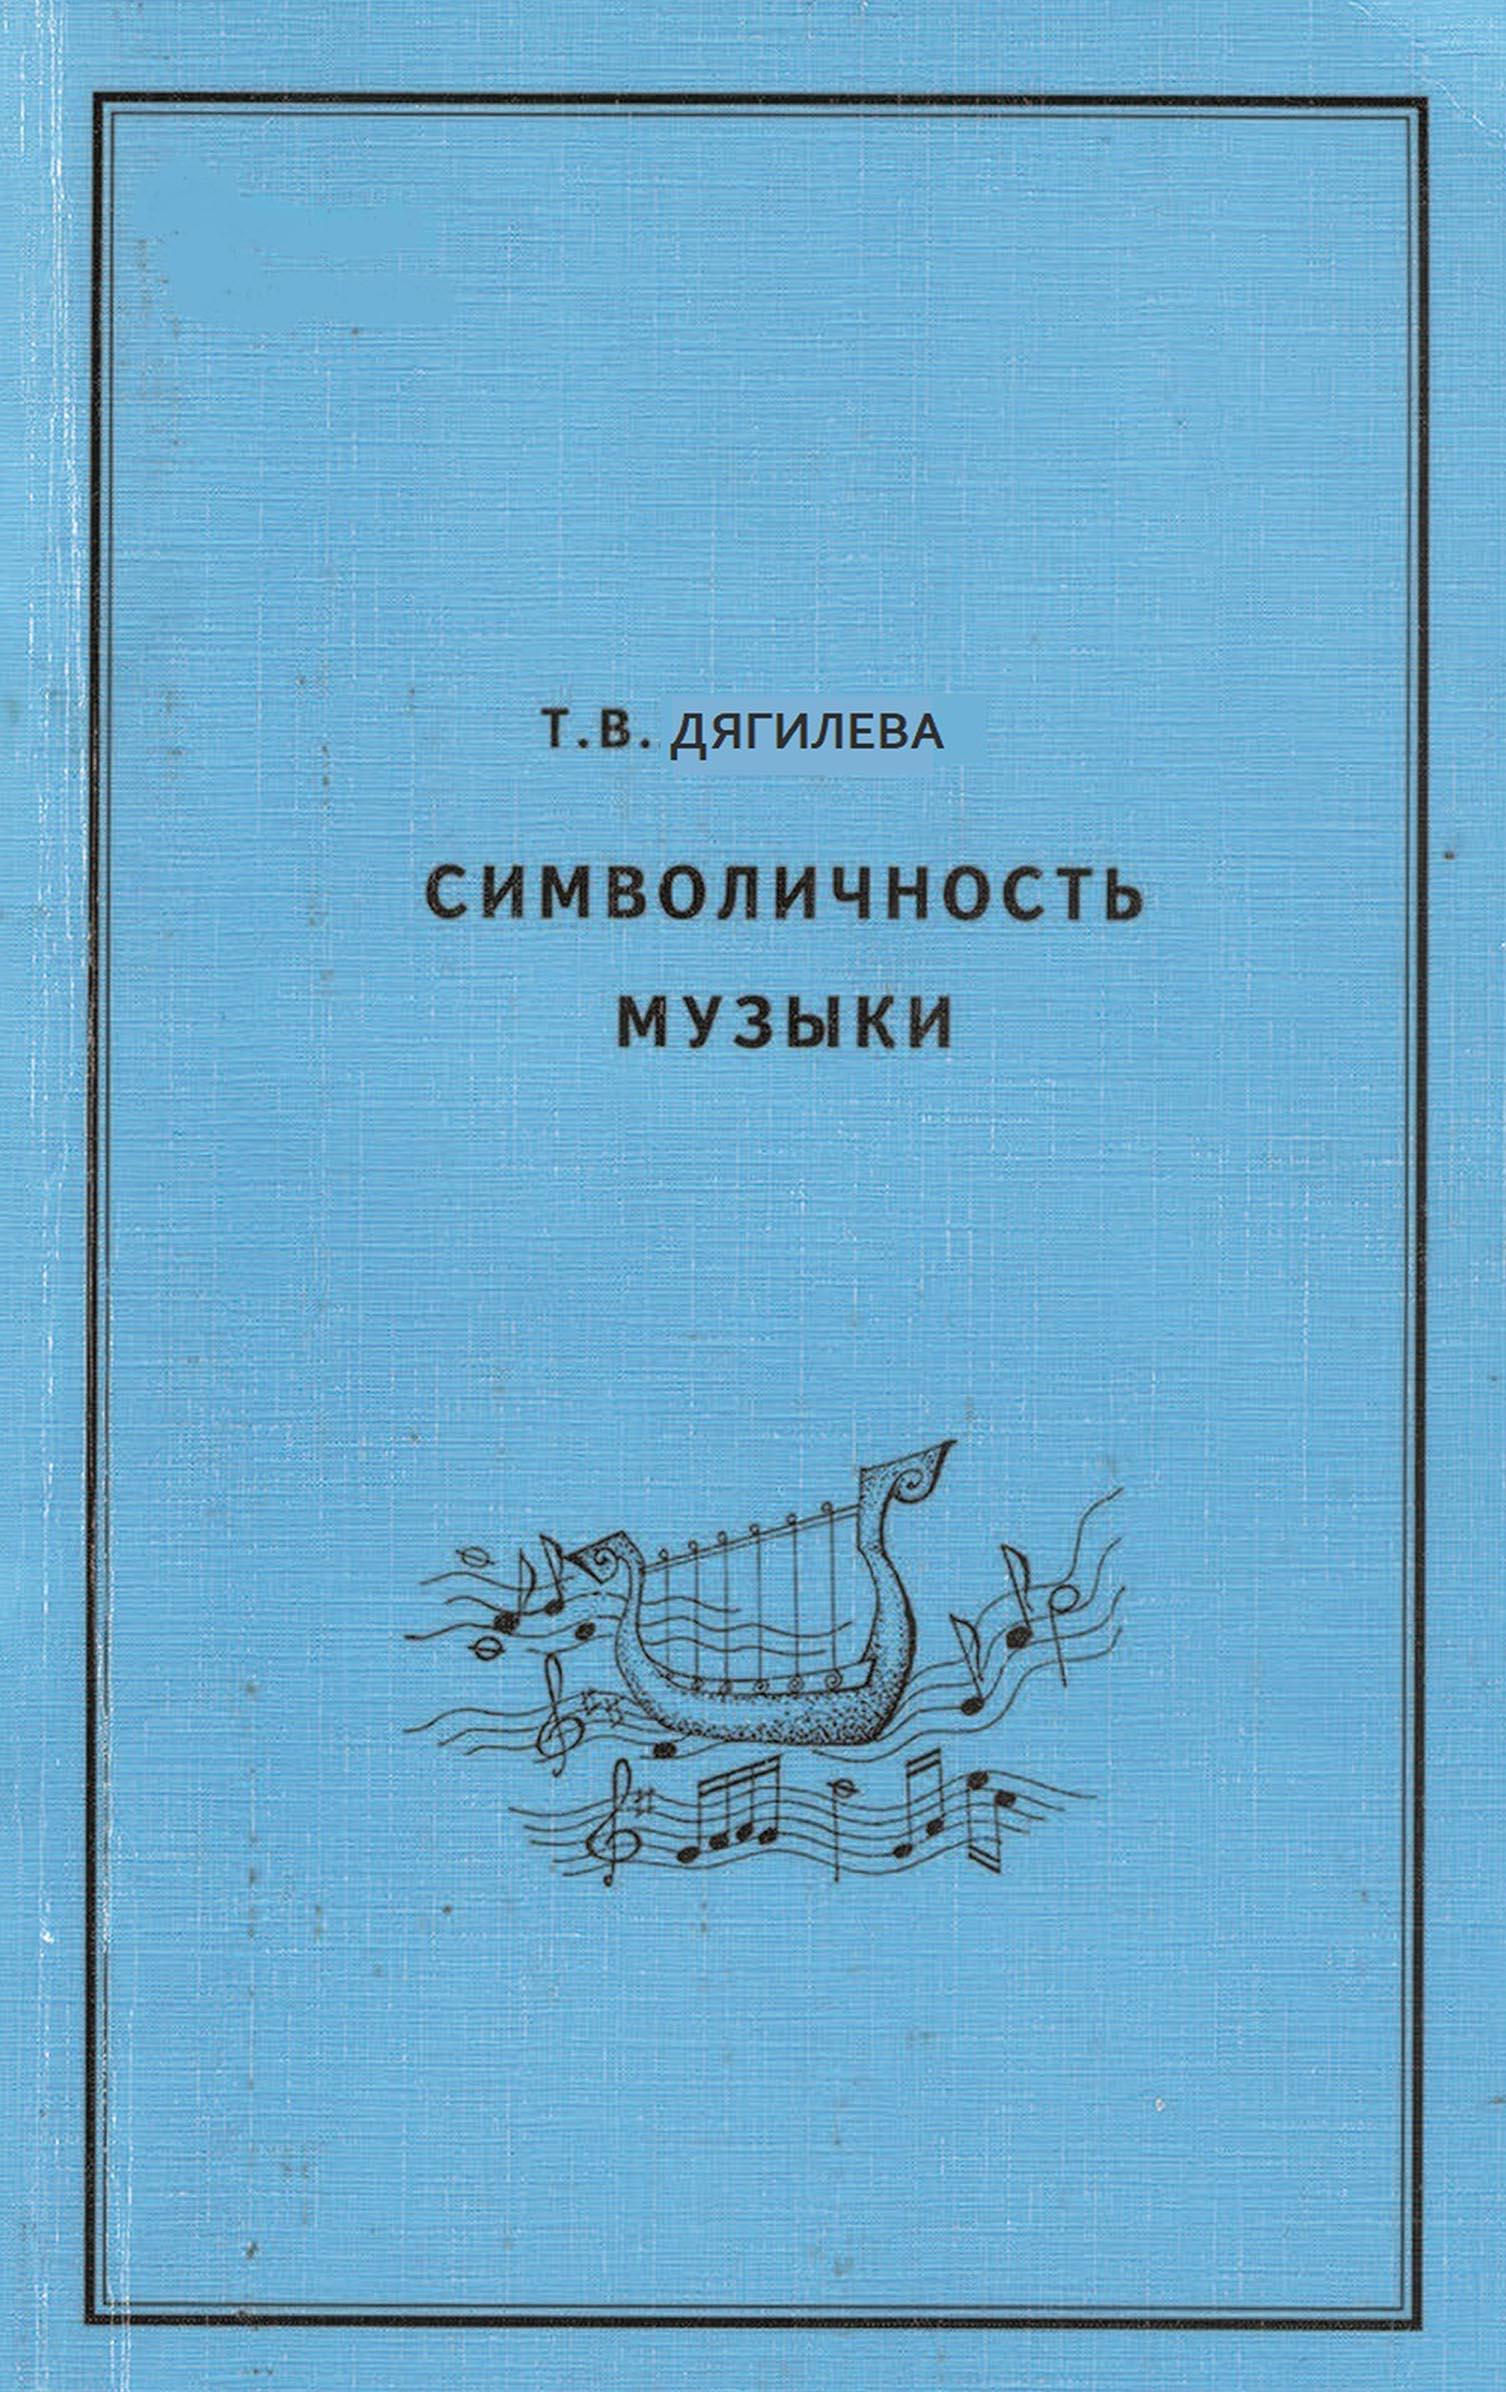 Т. В. Лазутина Символичность музыки лазутина г ред журналистика в информационном поле современной россии должное и реальное